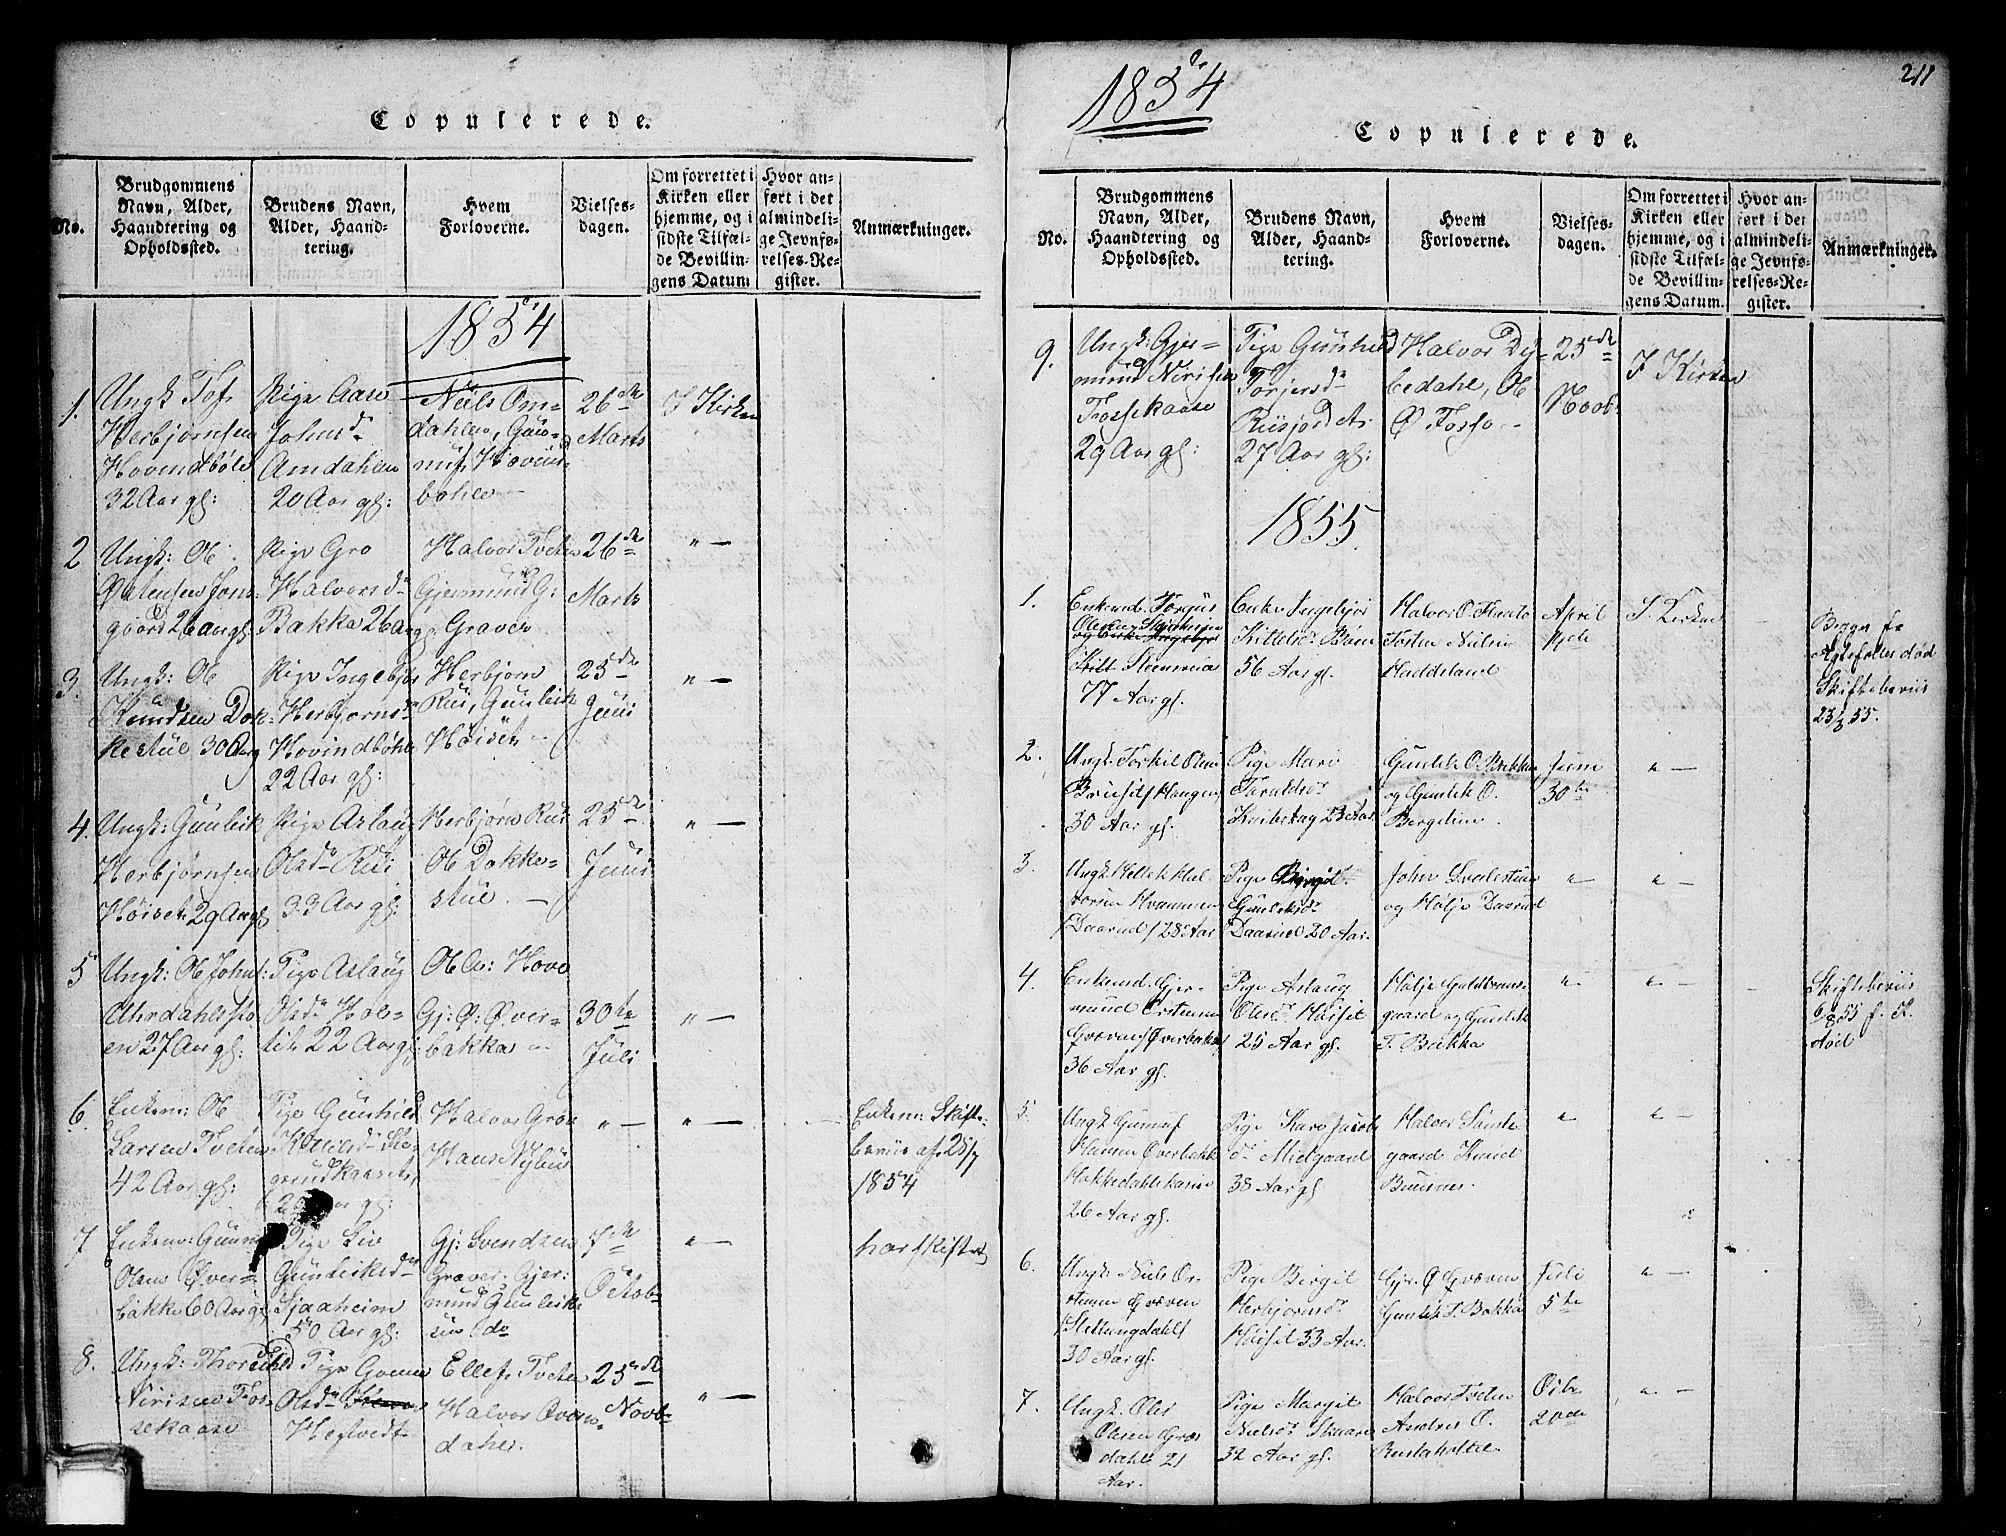 SAKO, Gransherad kirkebøker, G/Gb/L0001: Klokkerbok nr. II 1, 1815-1860, s. 211